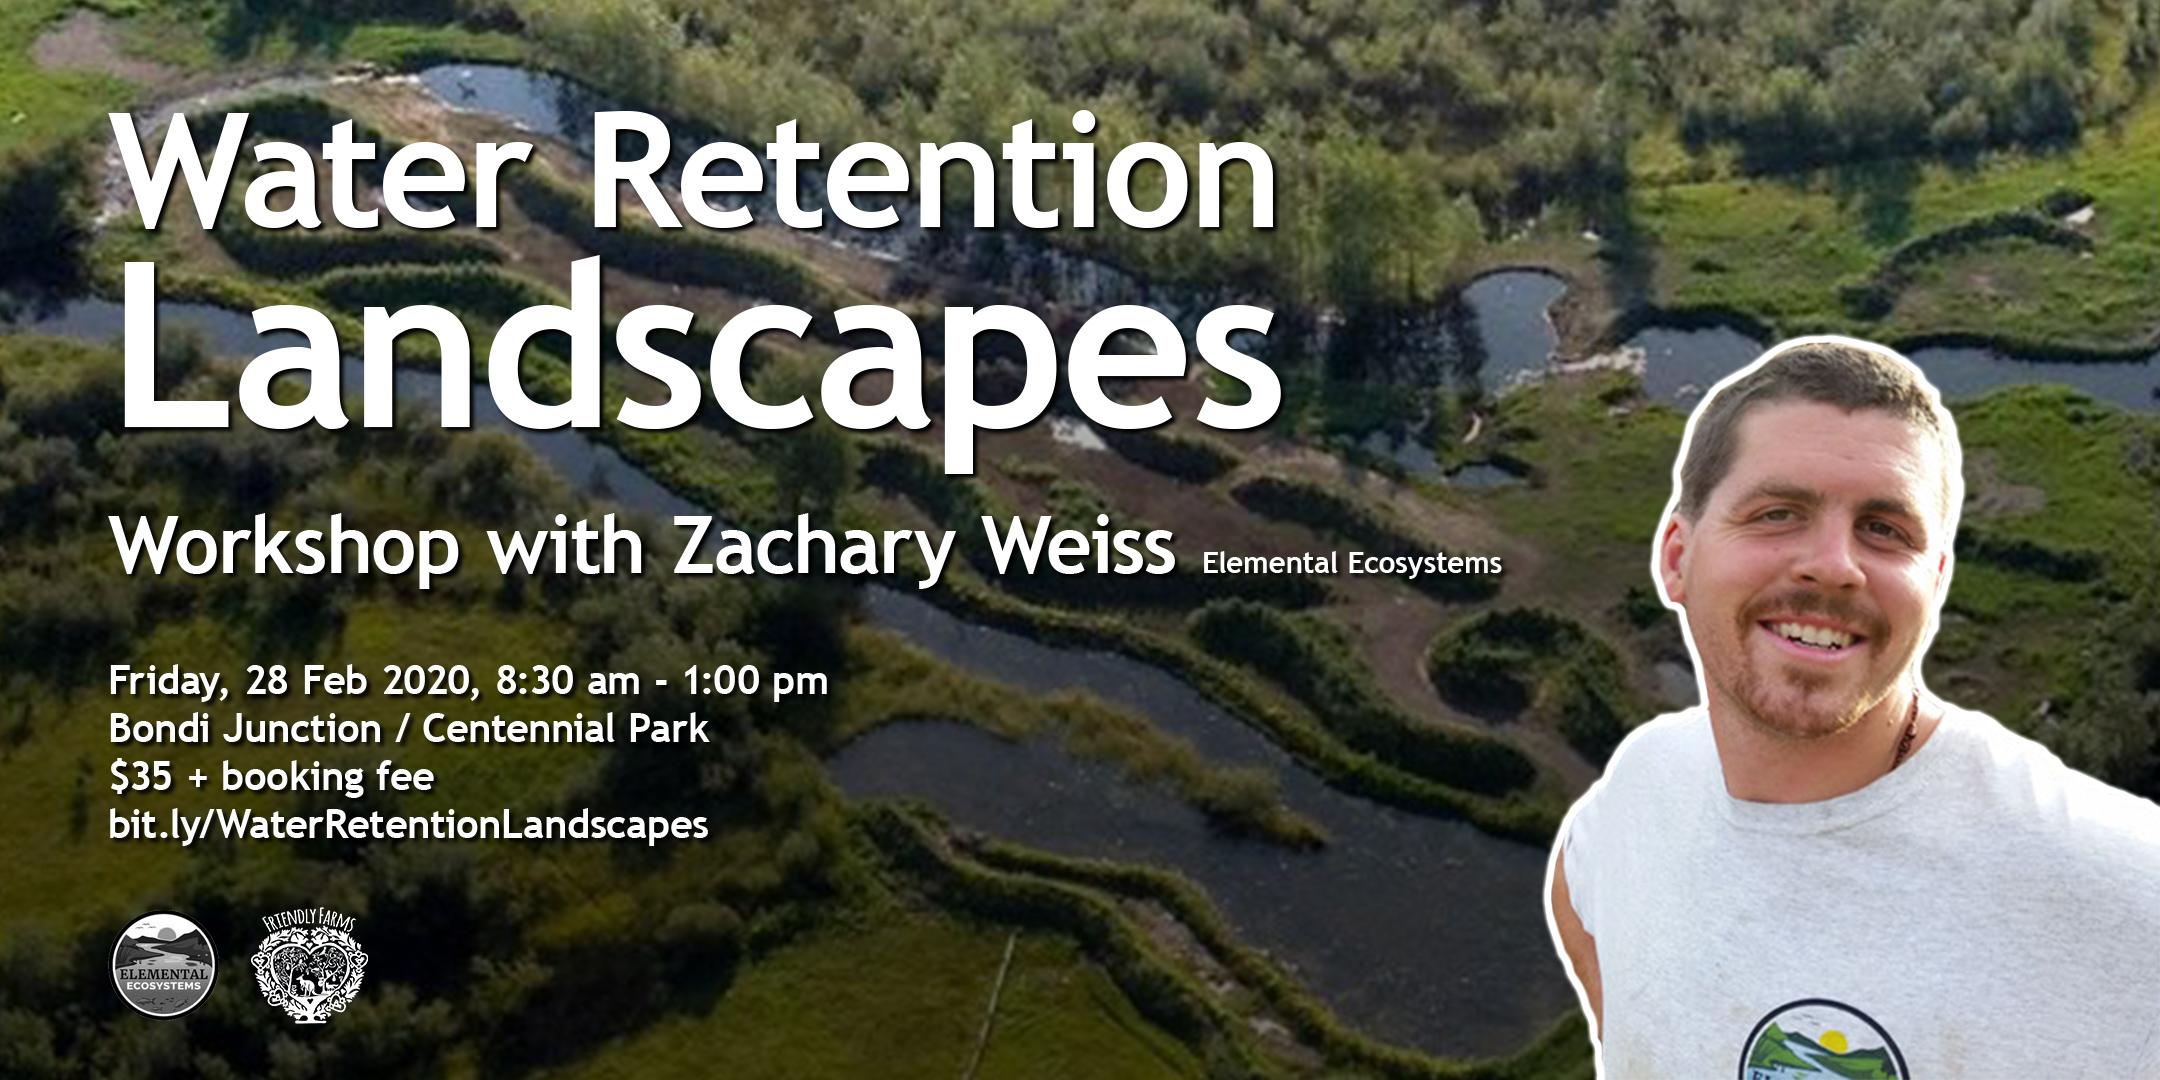 Zach-Weiss-Workshop-Water-Retention-Landscapes